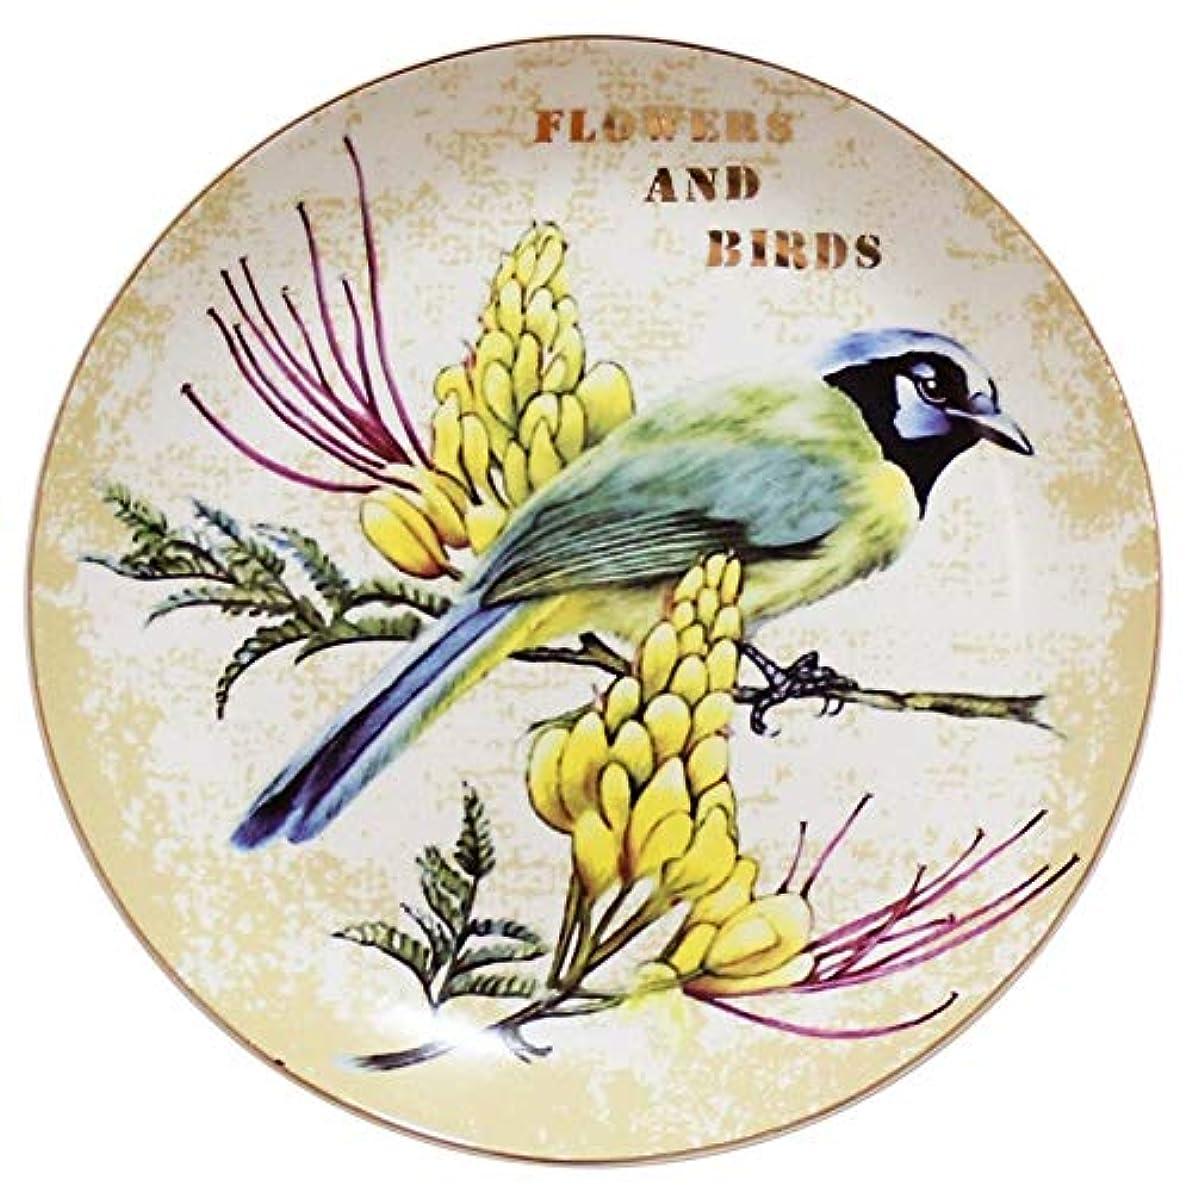 素晴らしい良い多くの偶然の差し迫ったWOAIPG 磁器 クリエイティブ鳥花装飾壁料理磁器装飾プレートヴィンテージ家の装飾工芸  スタイルA 8インチ